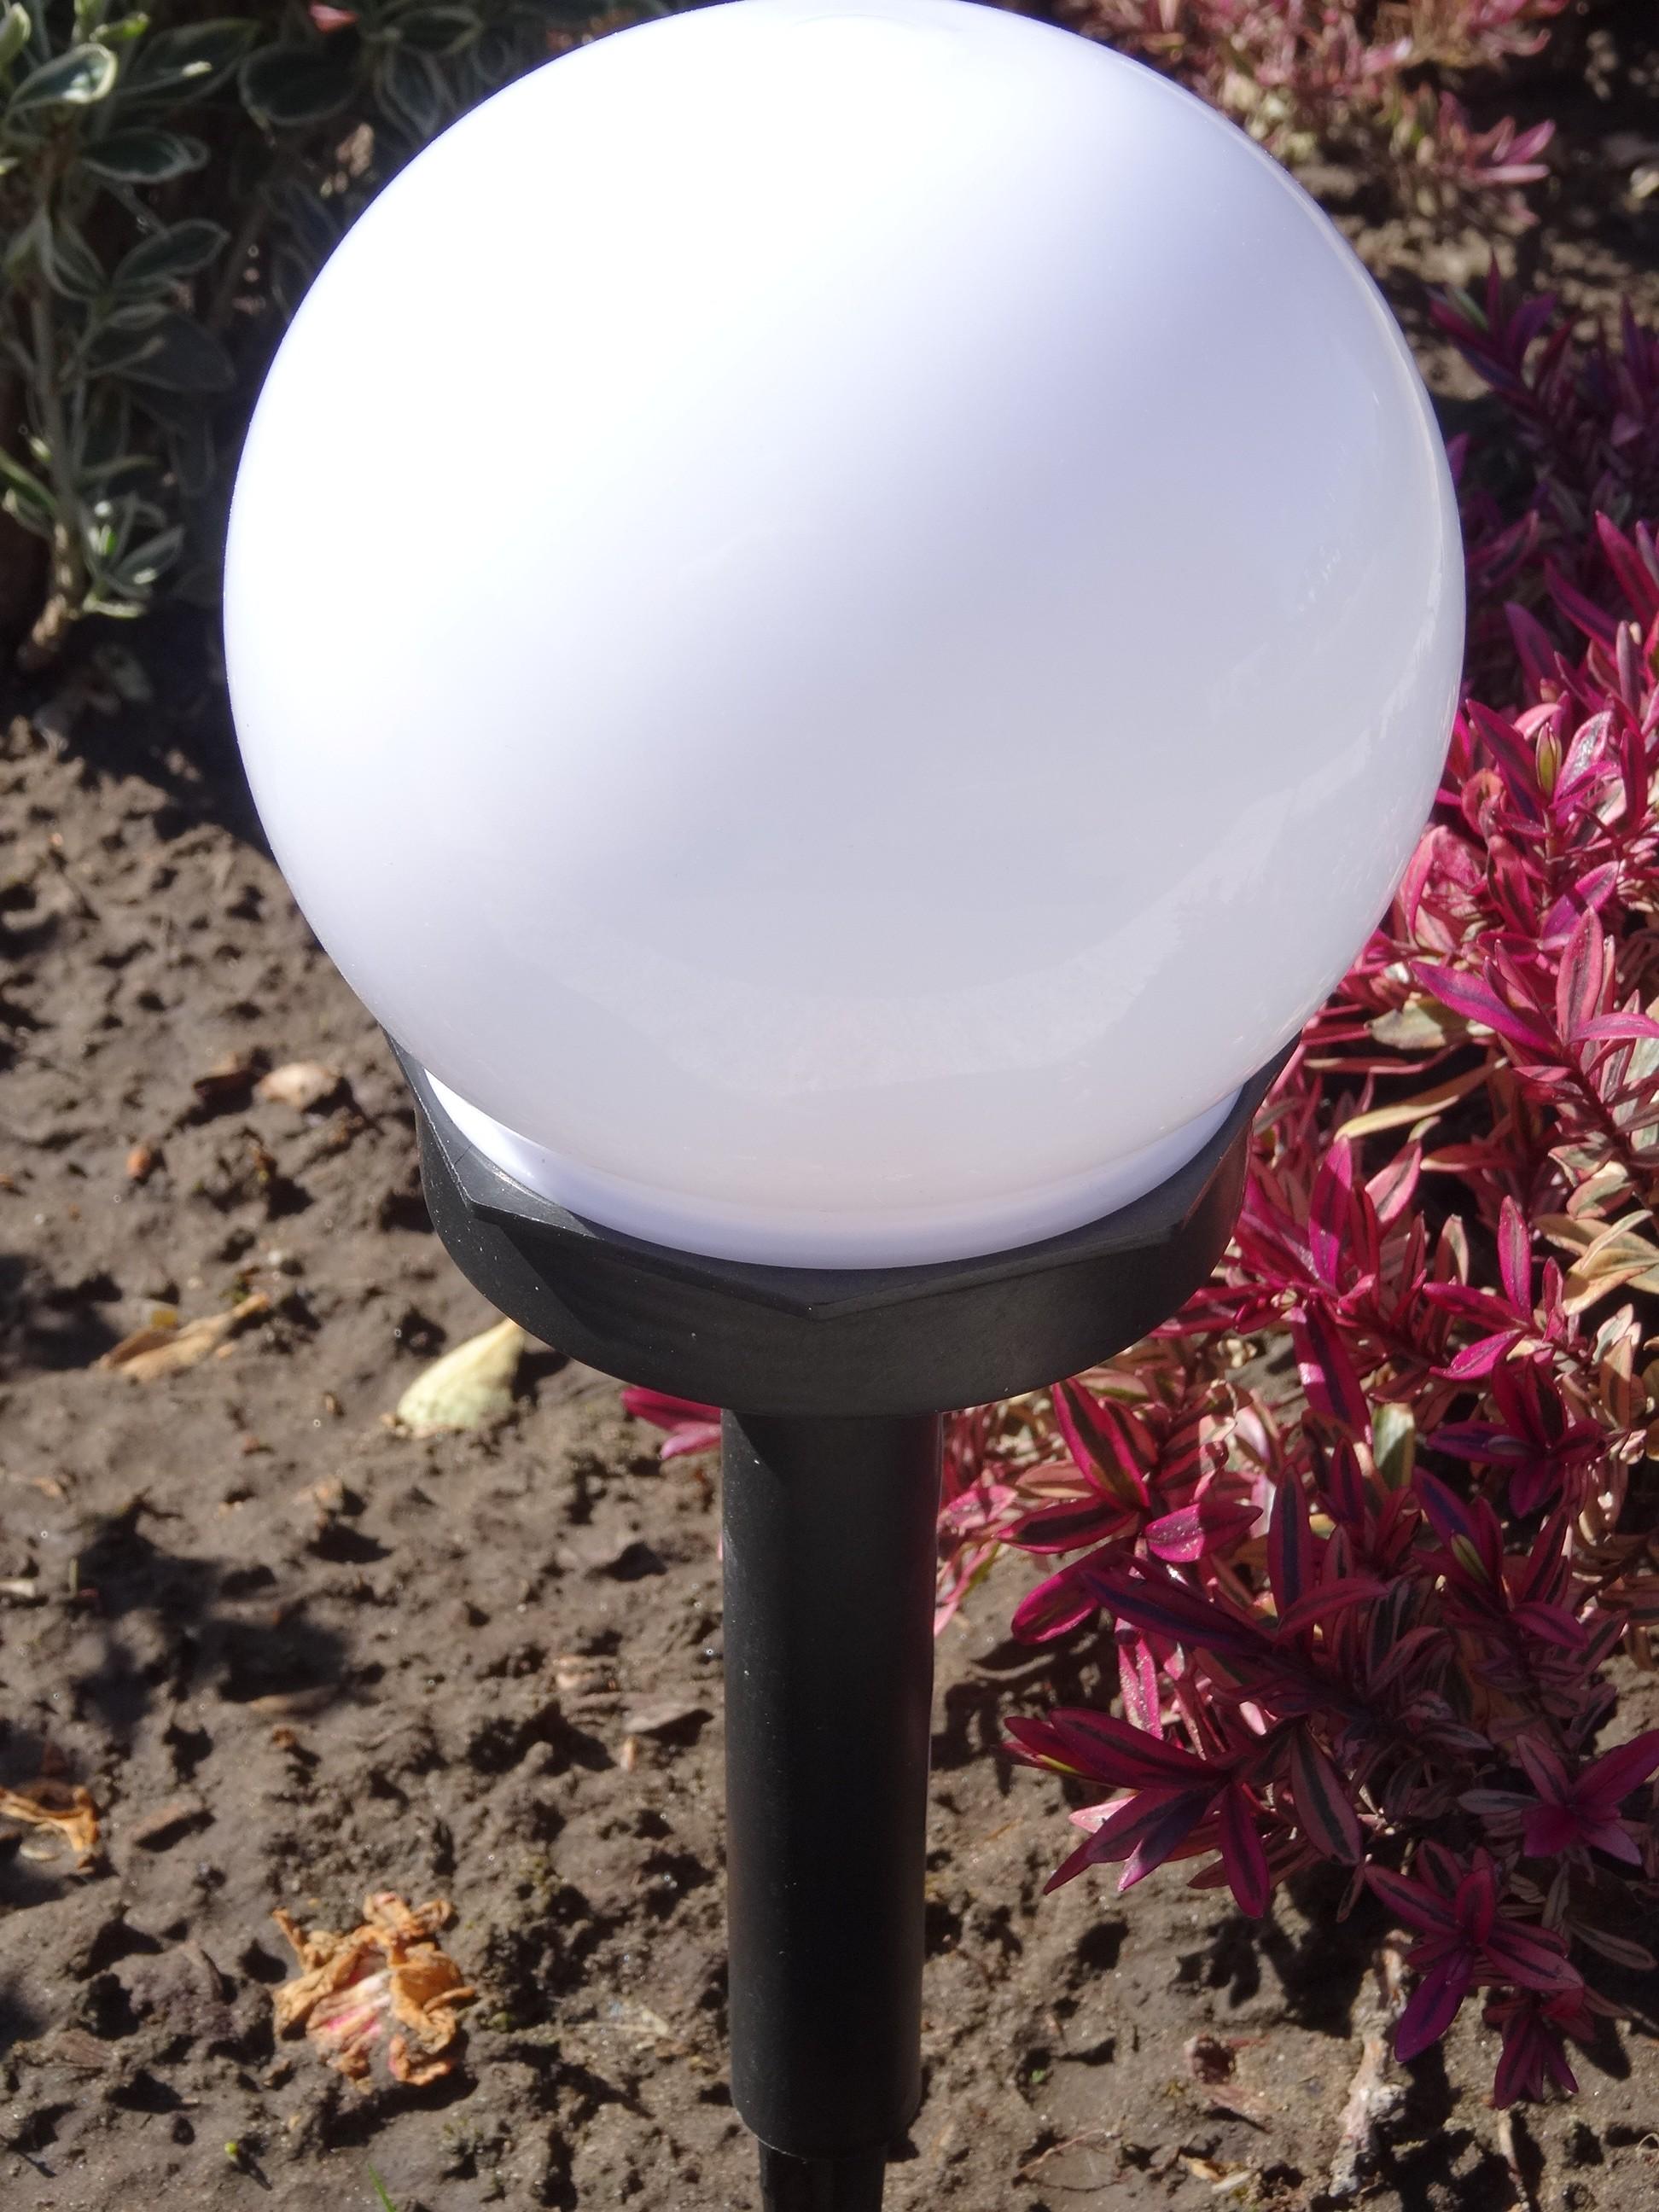 8er set led solarleuchte kugel garten beleuchtung au enleuchte lampe wegeleuchte garten. Black Bedroom Furniture Sets. Home Design Ideas